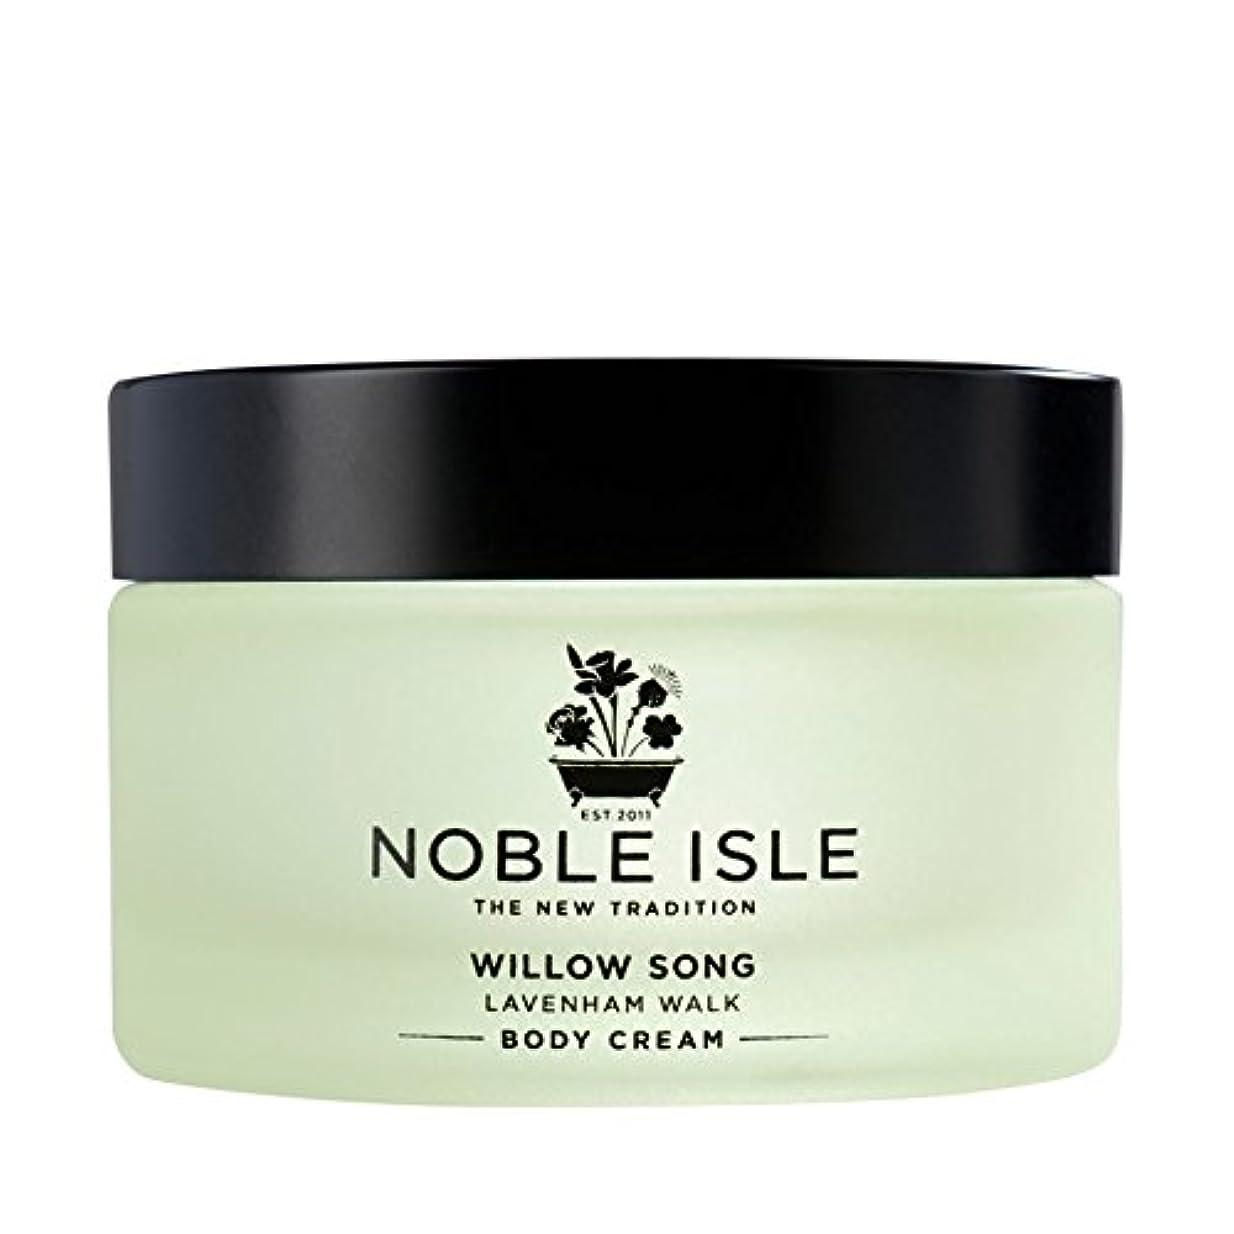 委託粘り強い禁じる高貴な島柳の歌ラヴァンハム徒歩ボディクリーム170ミリリットル x4 - Noble Isle Willow Song Lavenham Walk Body Cream 170ml (Pack of 4) [並行輸入品]